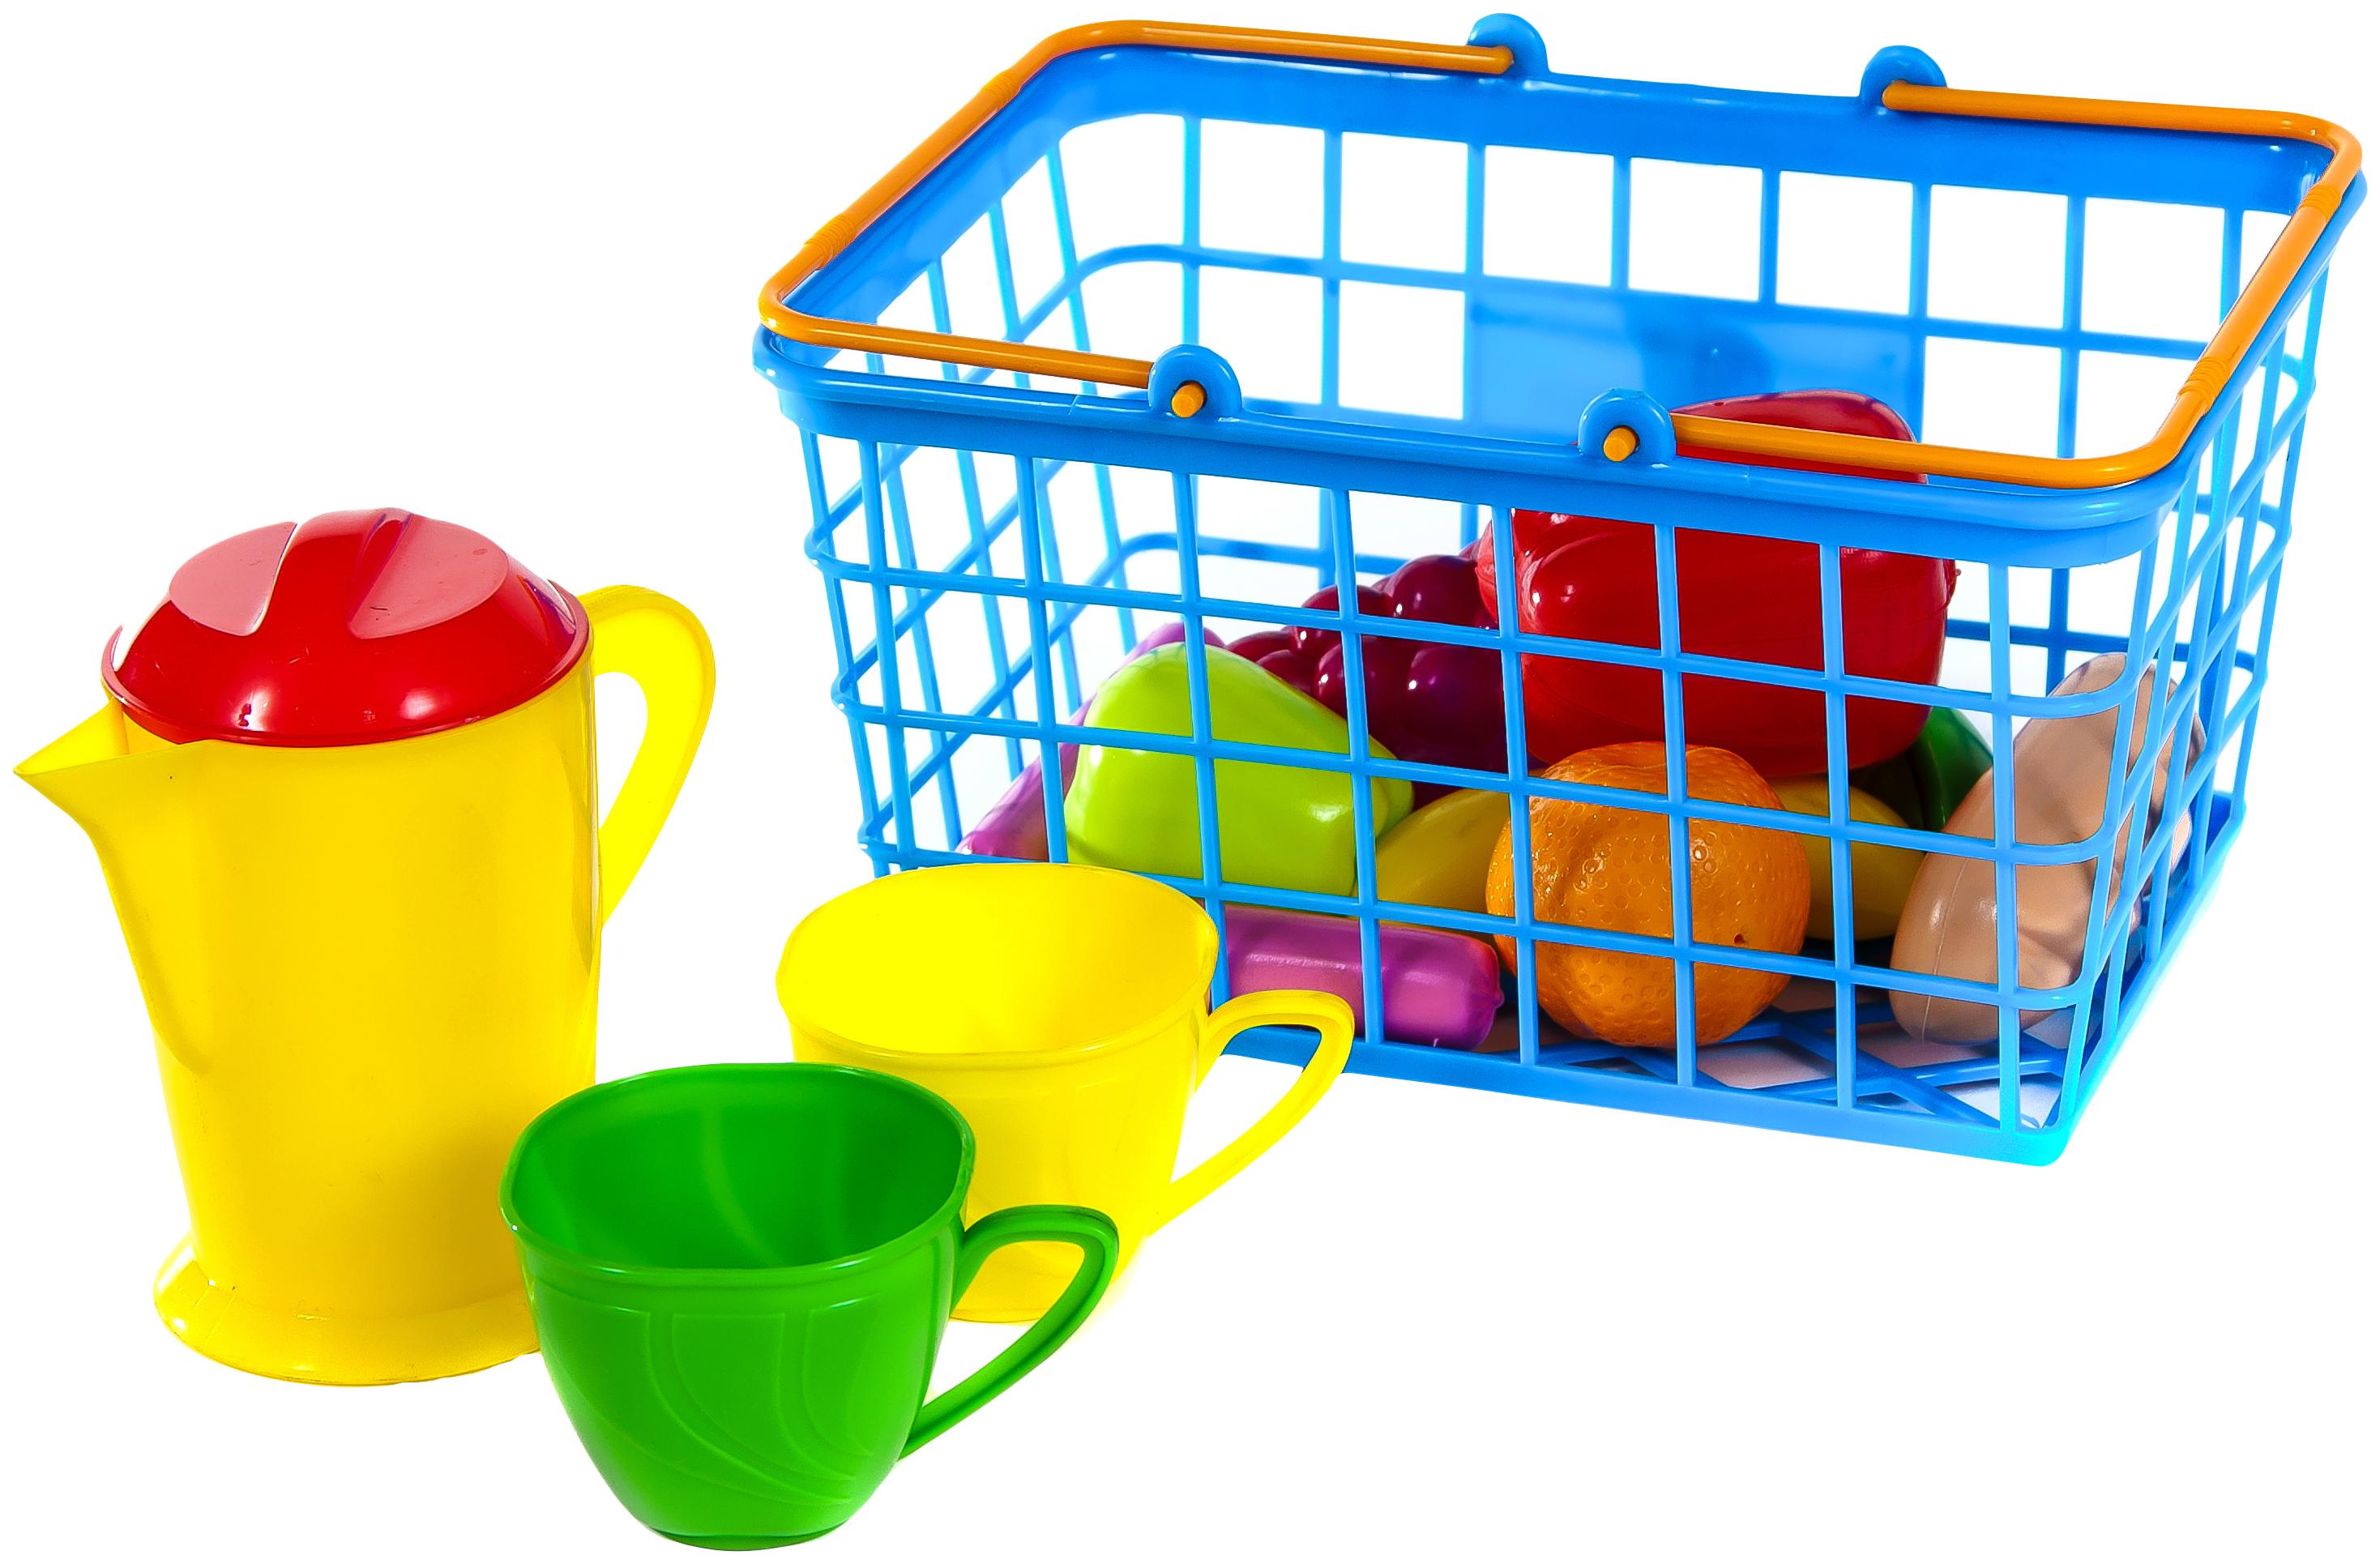 Купить Корзинка с набором посуды, 14 предметов, Orion,